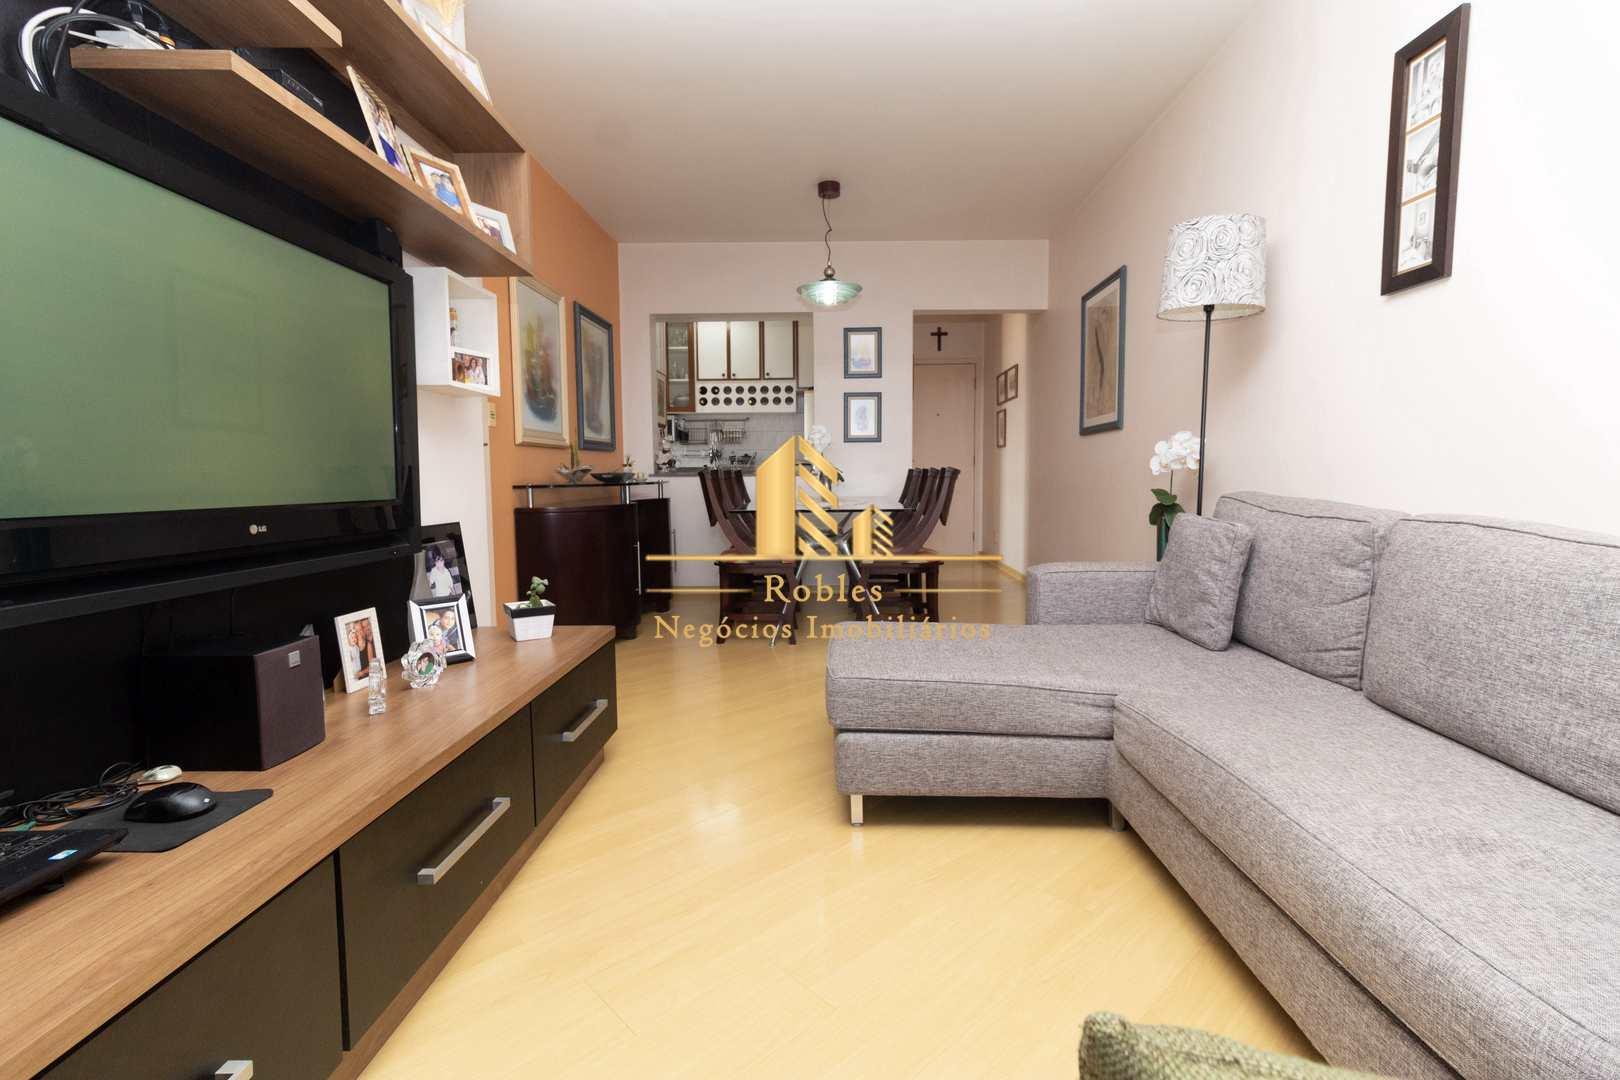 Apartamento com 3 dorms, Chácara Santo Antônio (Zona Sul), São Paulo - R$ 790 mil, Cod: 1467